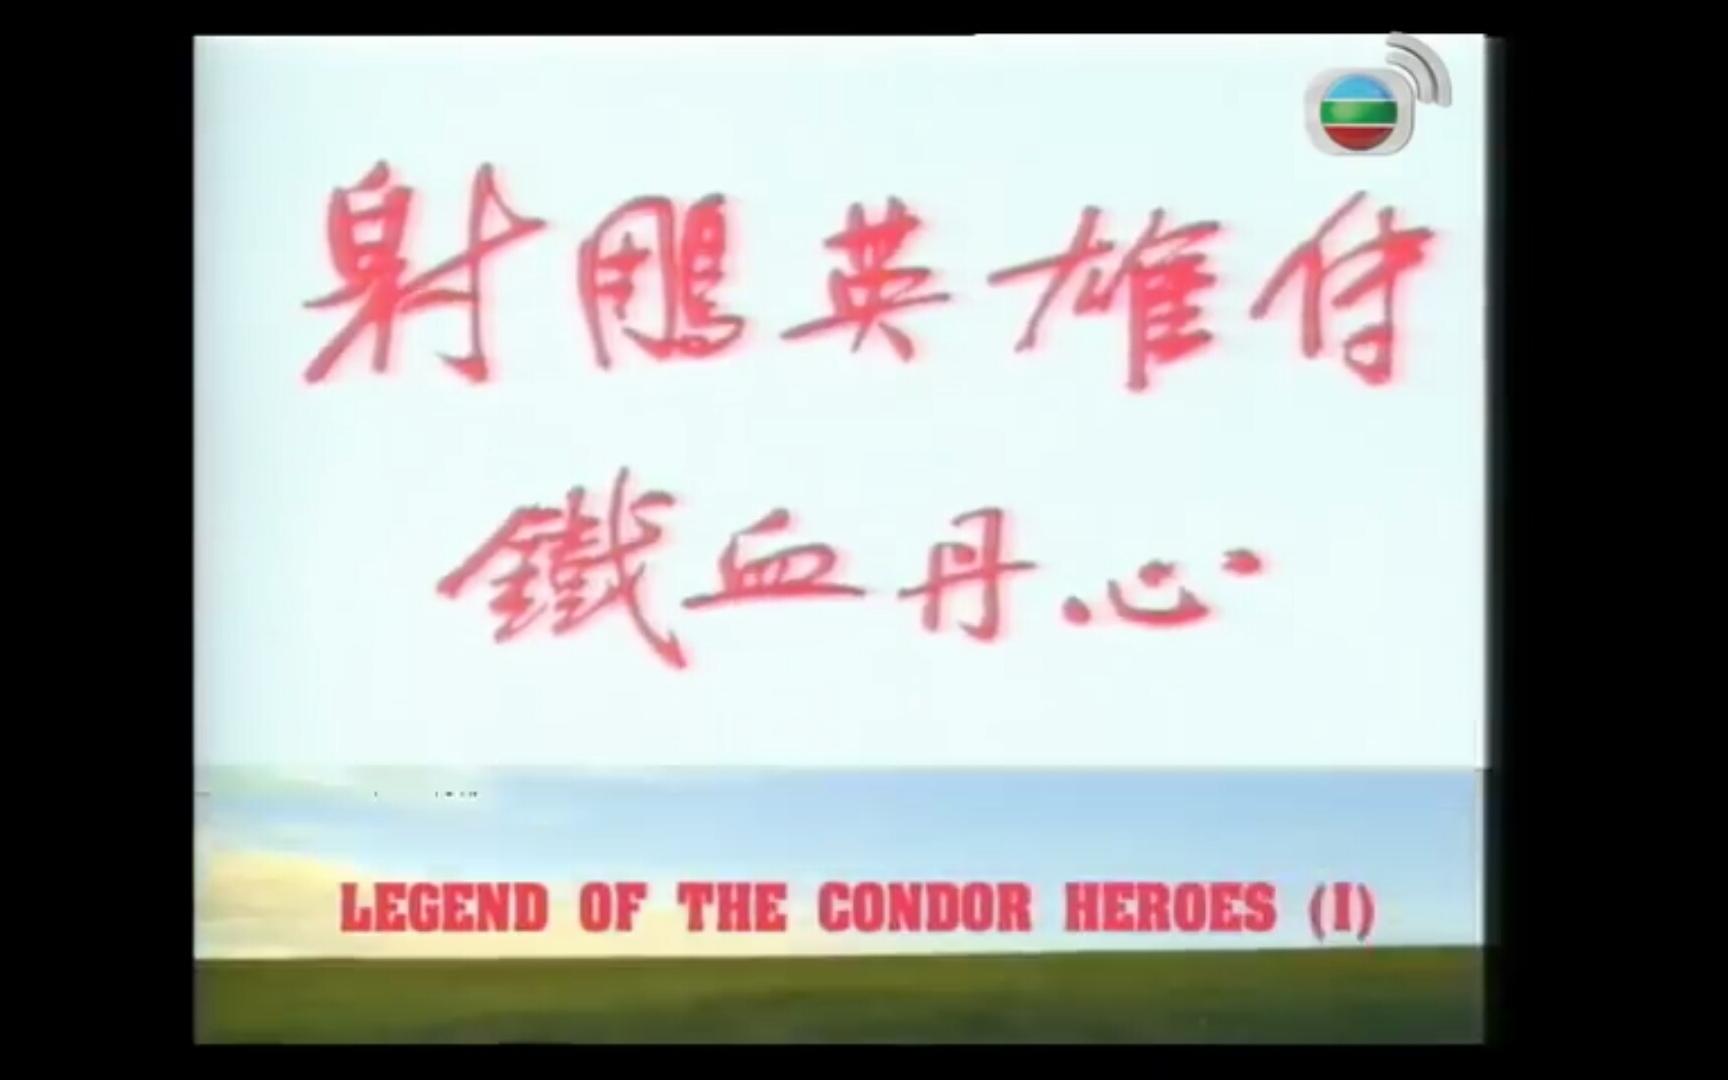 射 雕 英雄 传 83 版 粤语 版